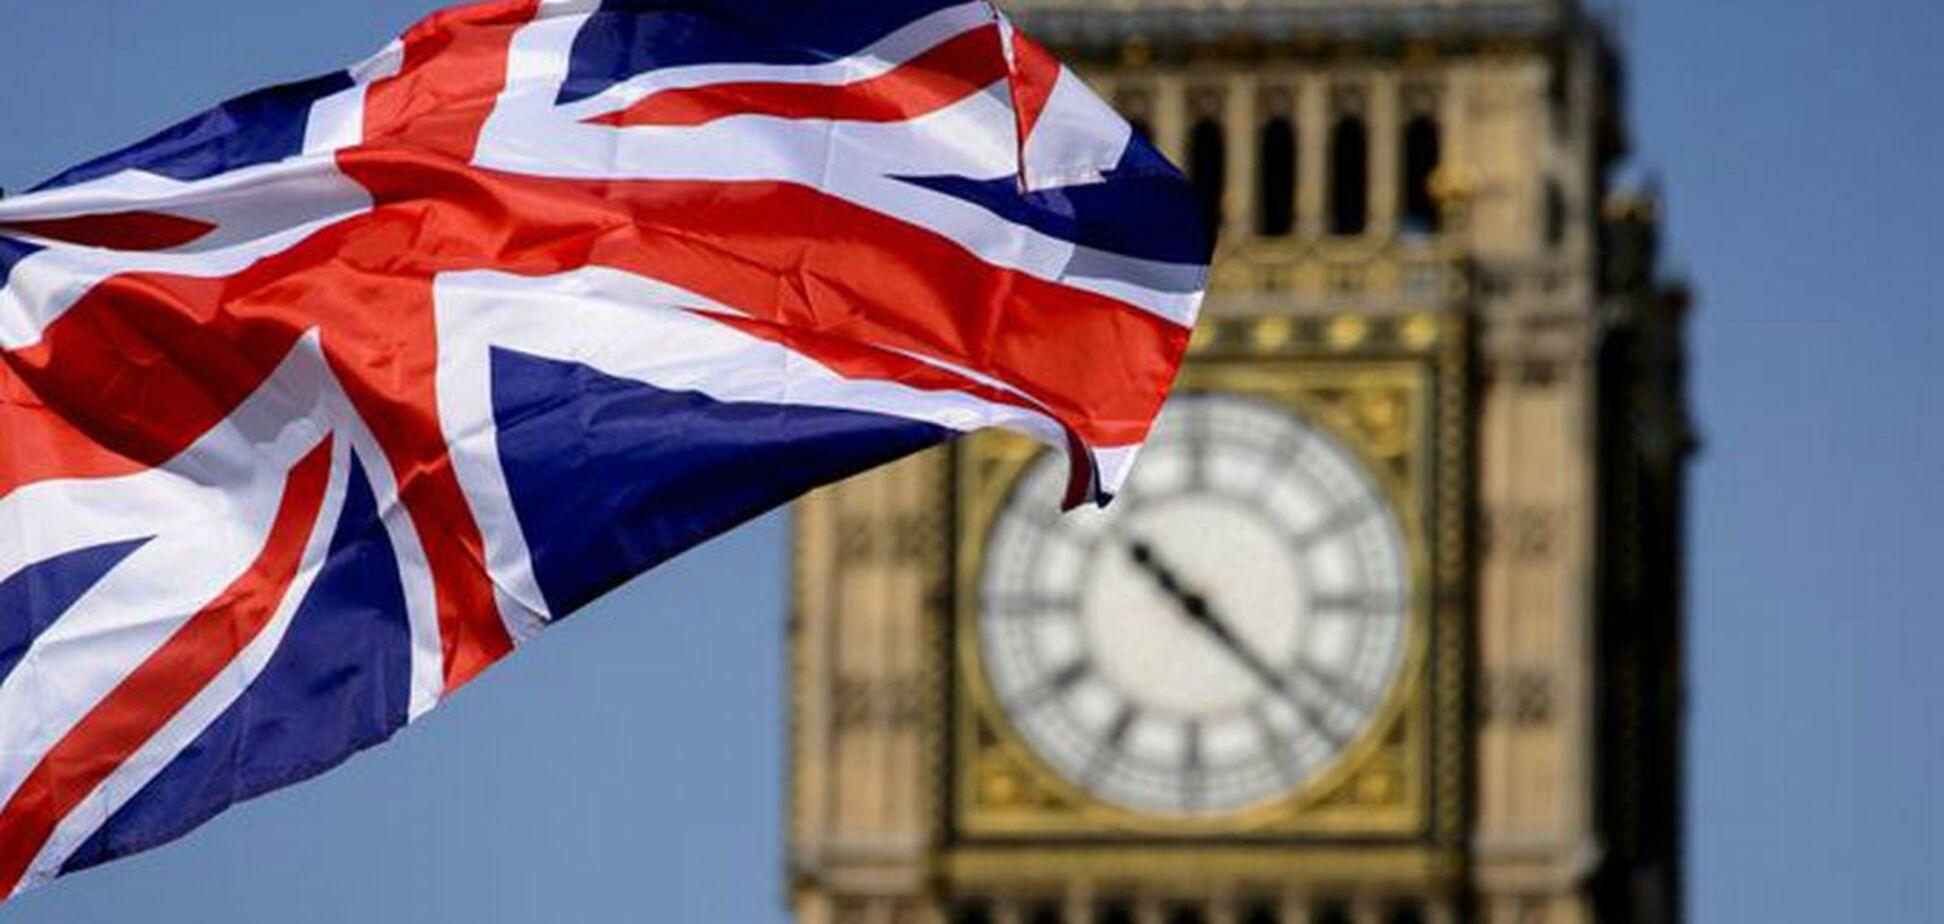 Висилкою дипломатів не обмежаться: озвучено прогноз британської відповіді Росії